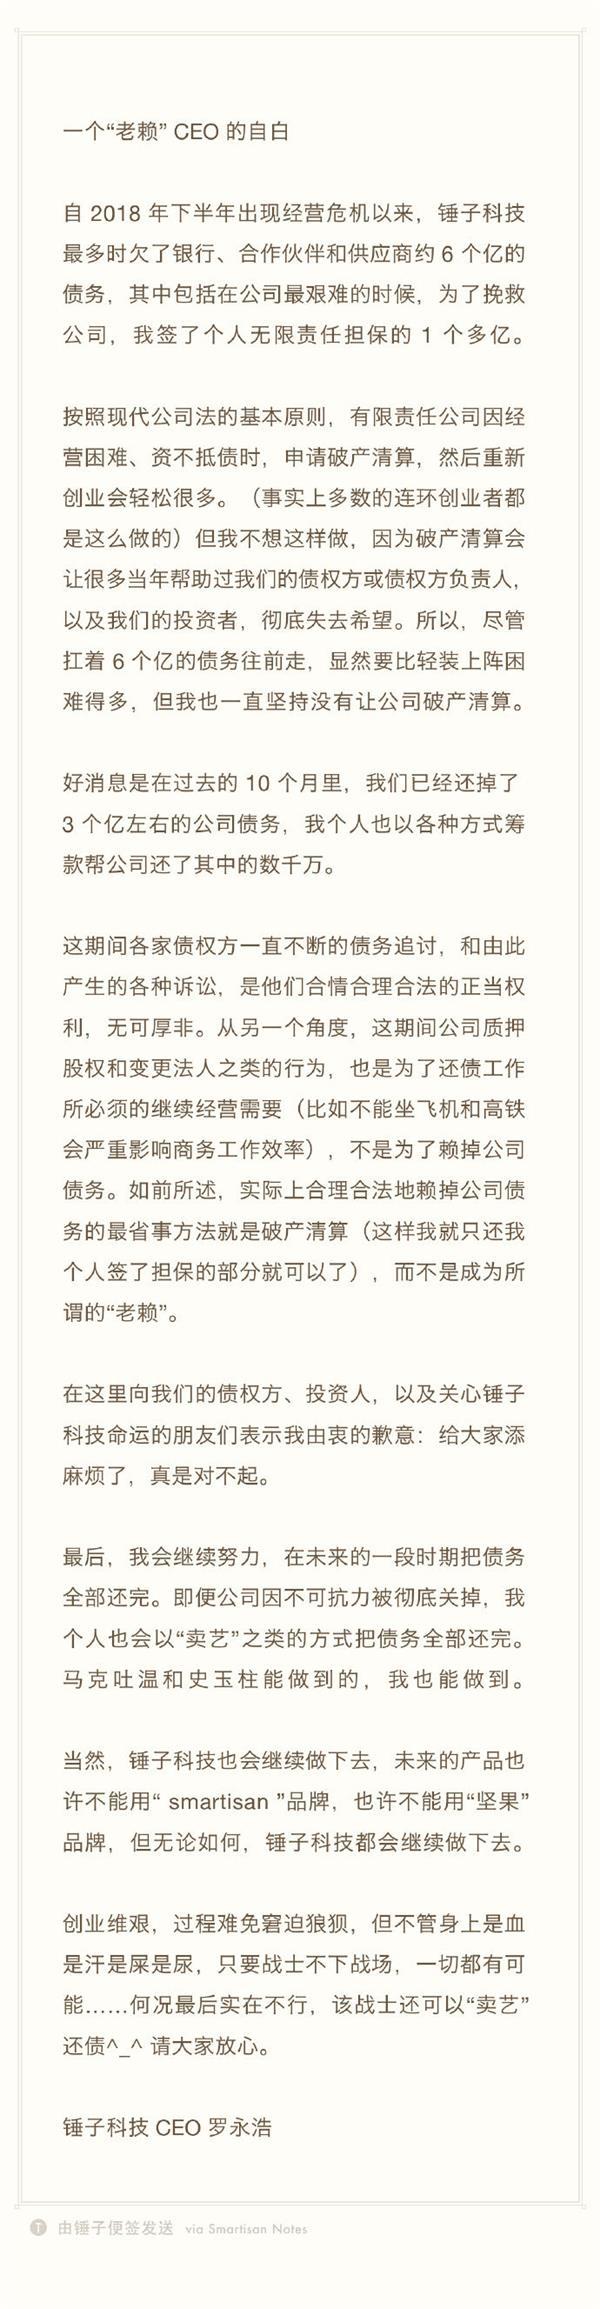 """""""风口杀手""""罗永浩上老赖名单 孙宇晨却愿高新聘请"""